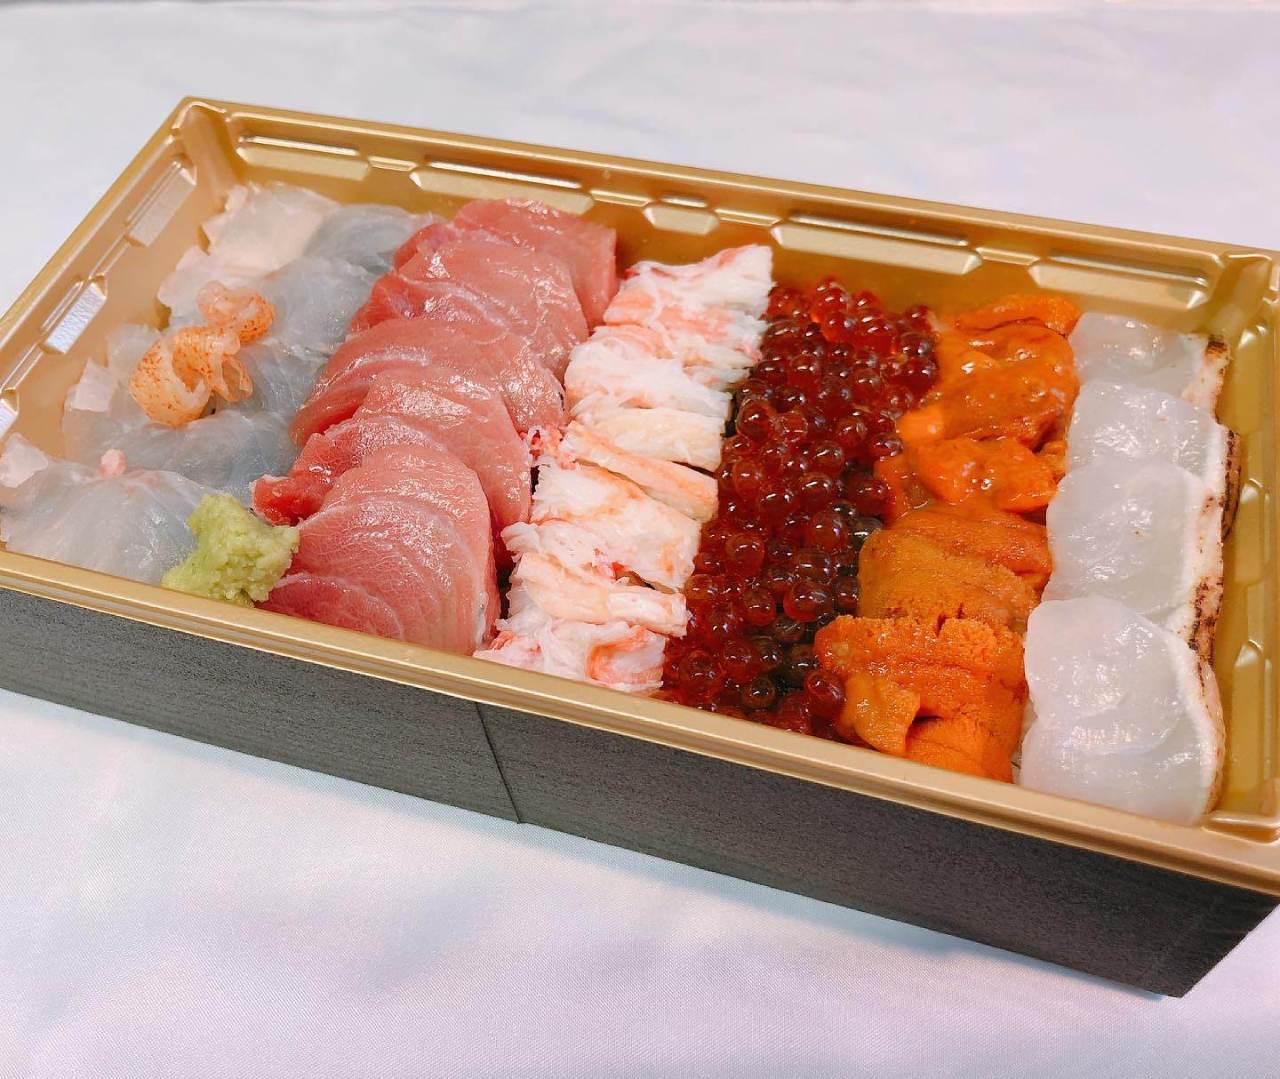 【特上海鮮丼】※ご予約になります。